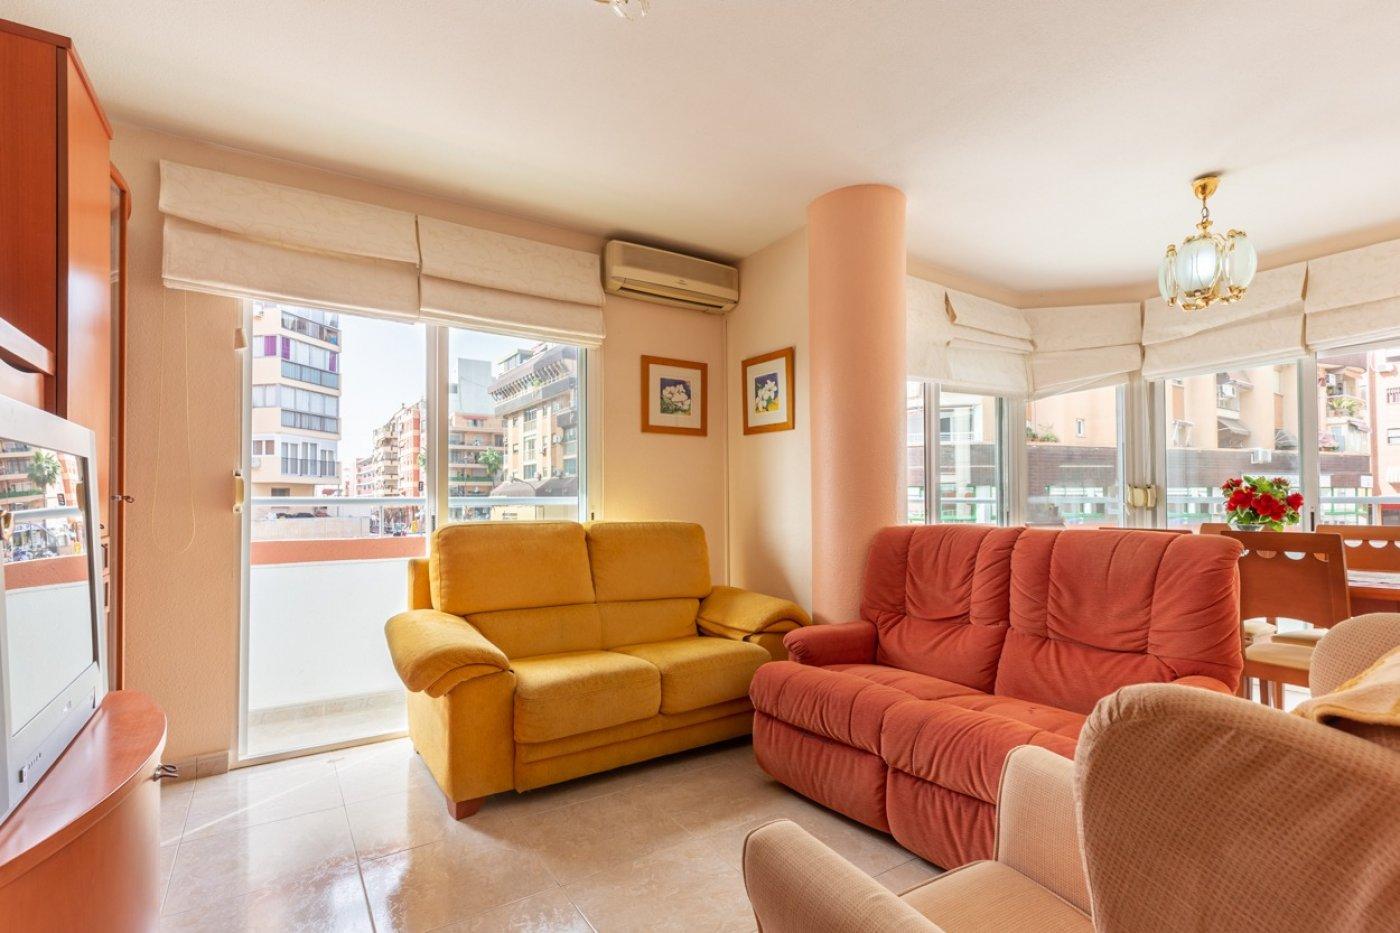 Piso en Benidorm zona Colonia Madrid de 111 m²